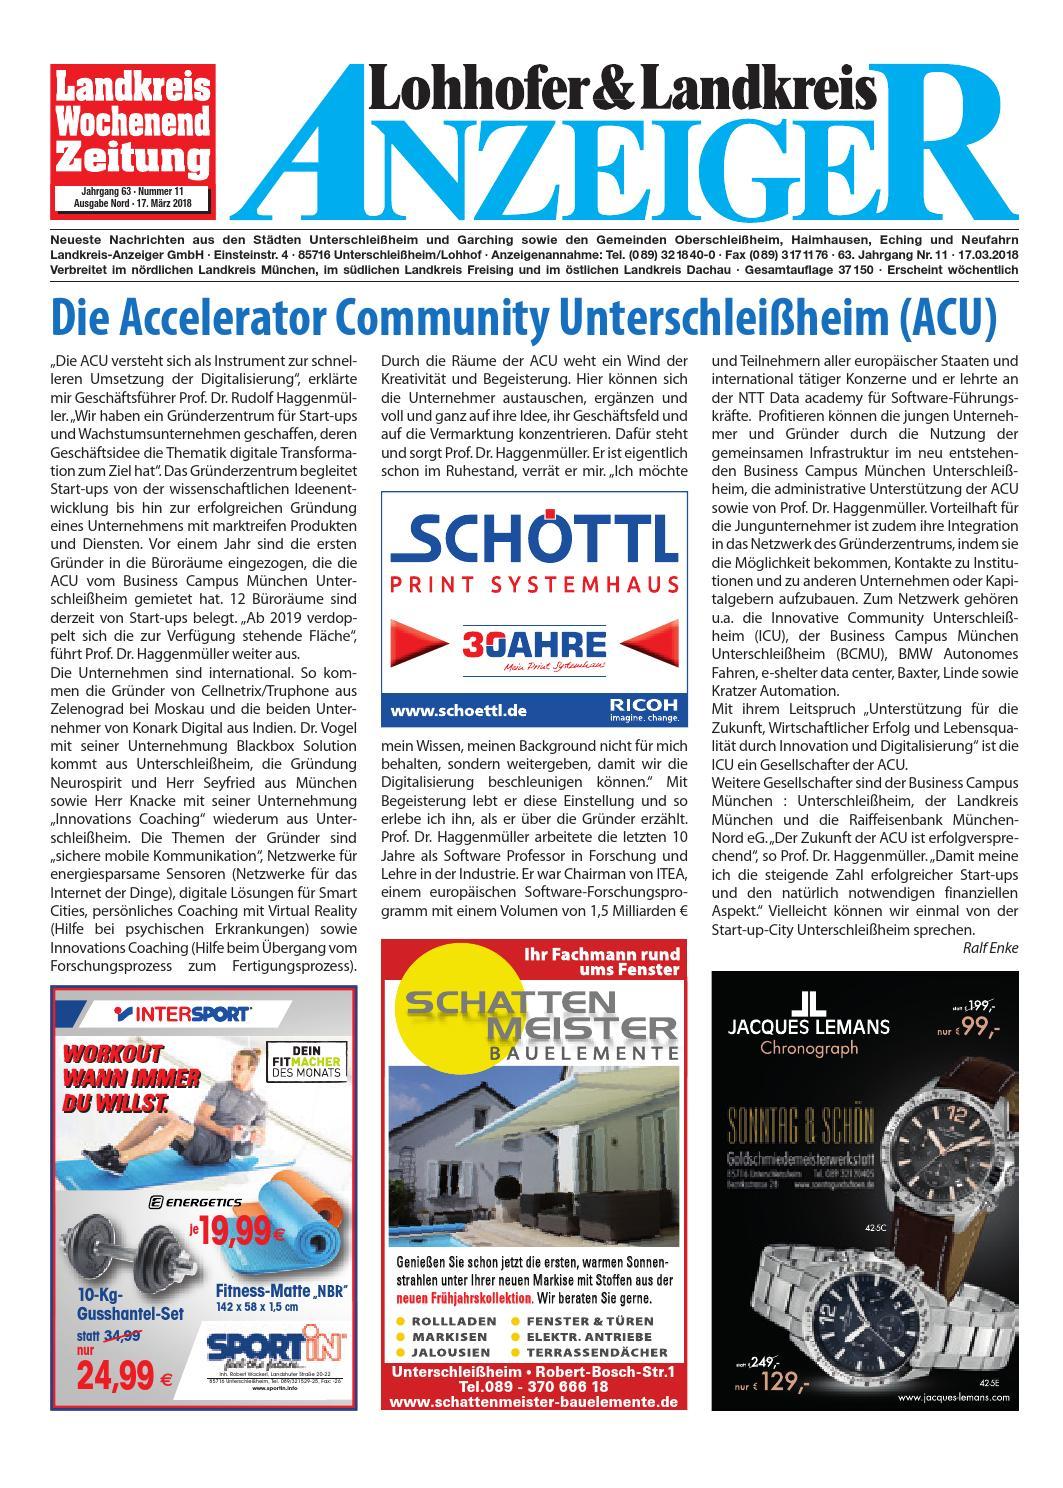 Lohhofer & Landkreis Anzeiger 1118 by Zimmermann GmbH Druck & Verlag - issuu